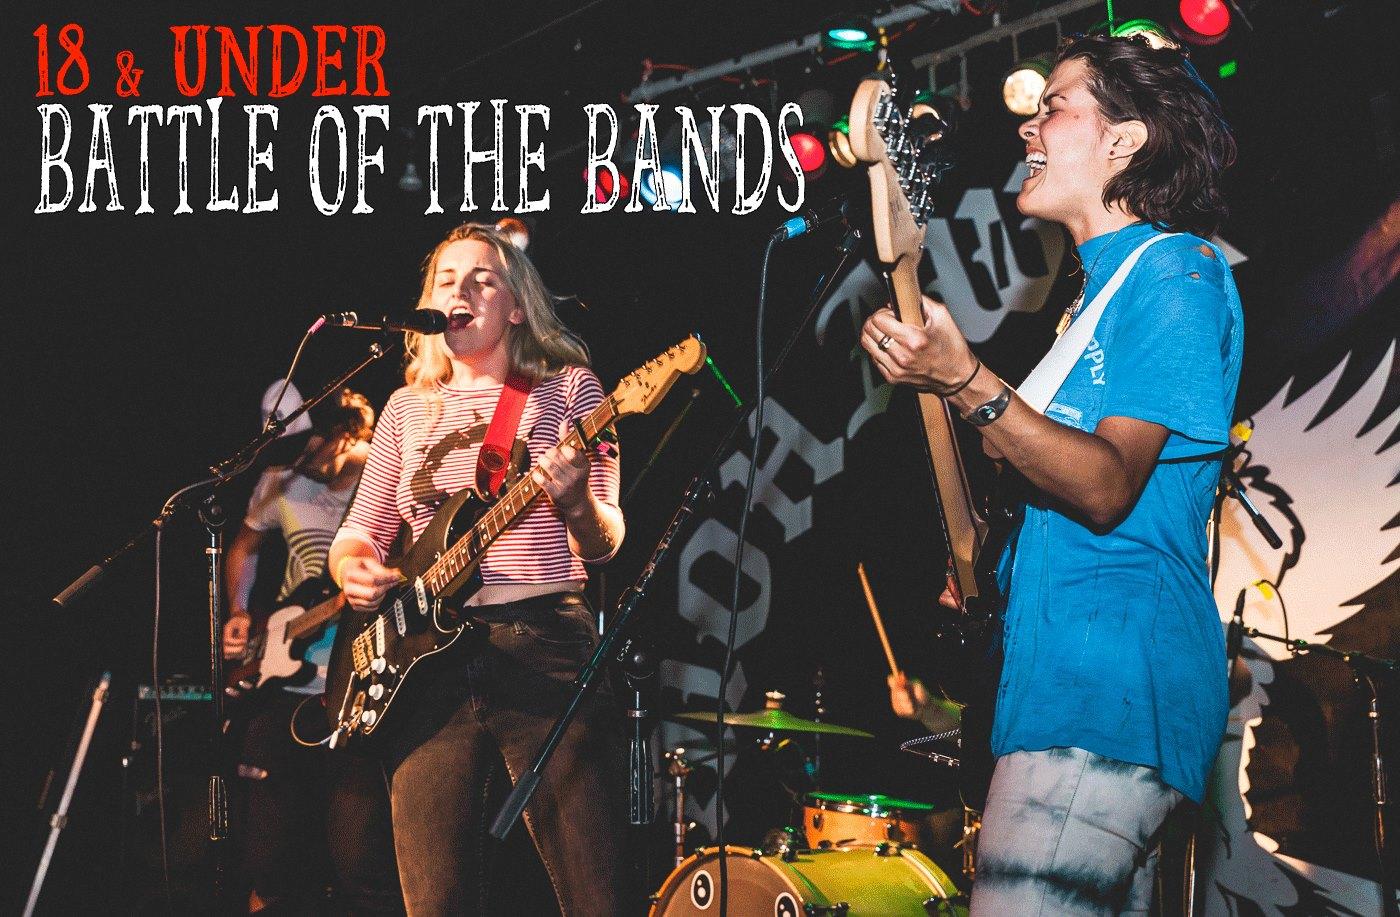 18 & Under Battle of the Bands Registration Starts Sunday